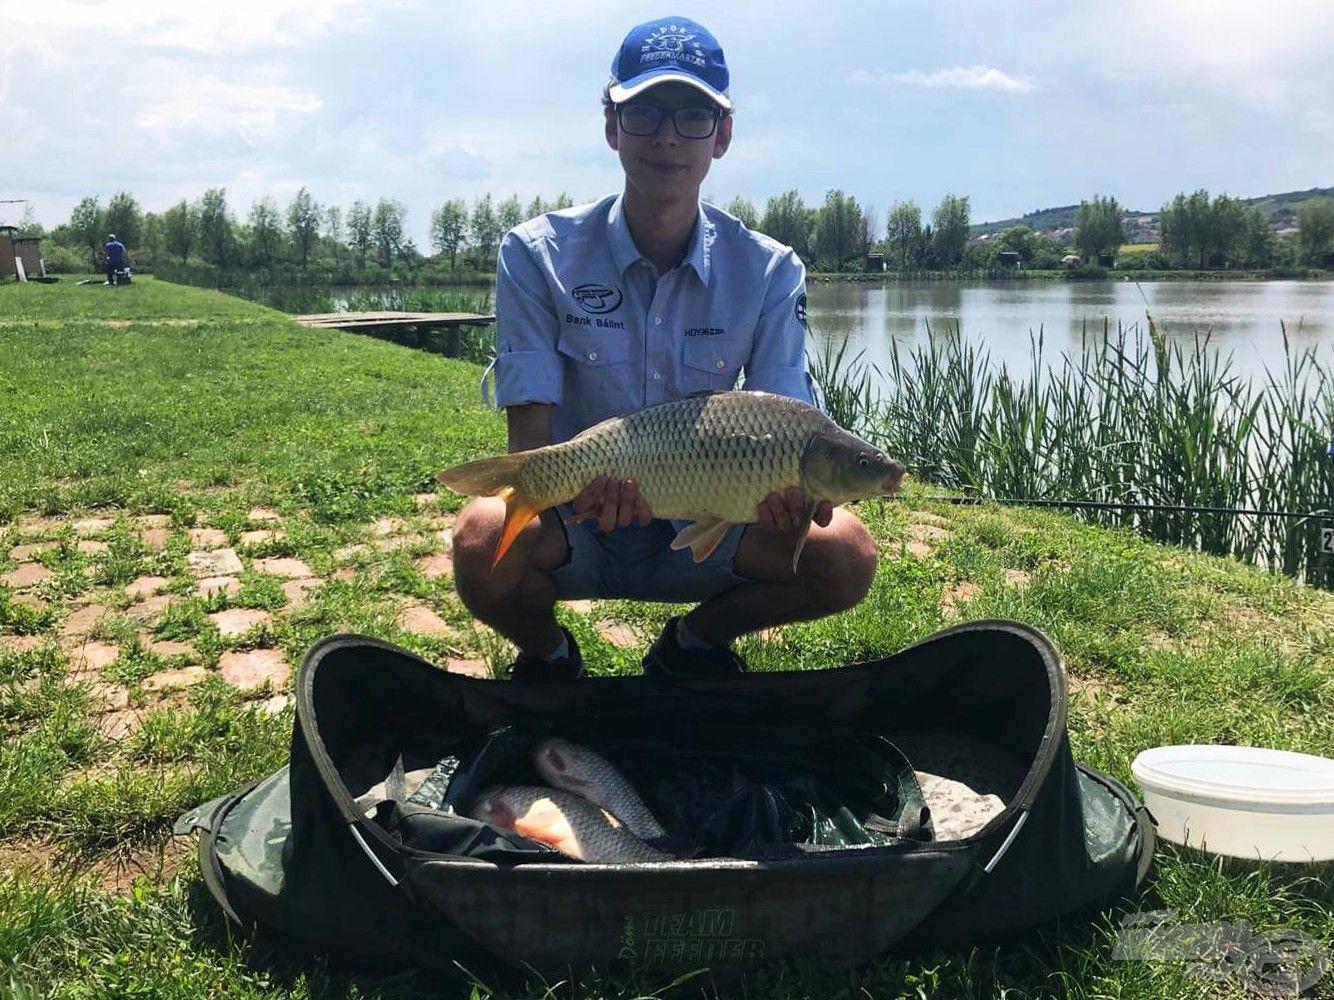 6,30 kg a halak súlya, ezzel biztosan hoztam néhány helyet, már csak az a kérdés, hogy mennyit…